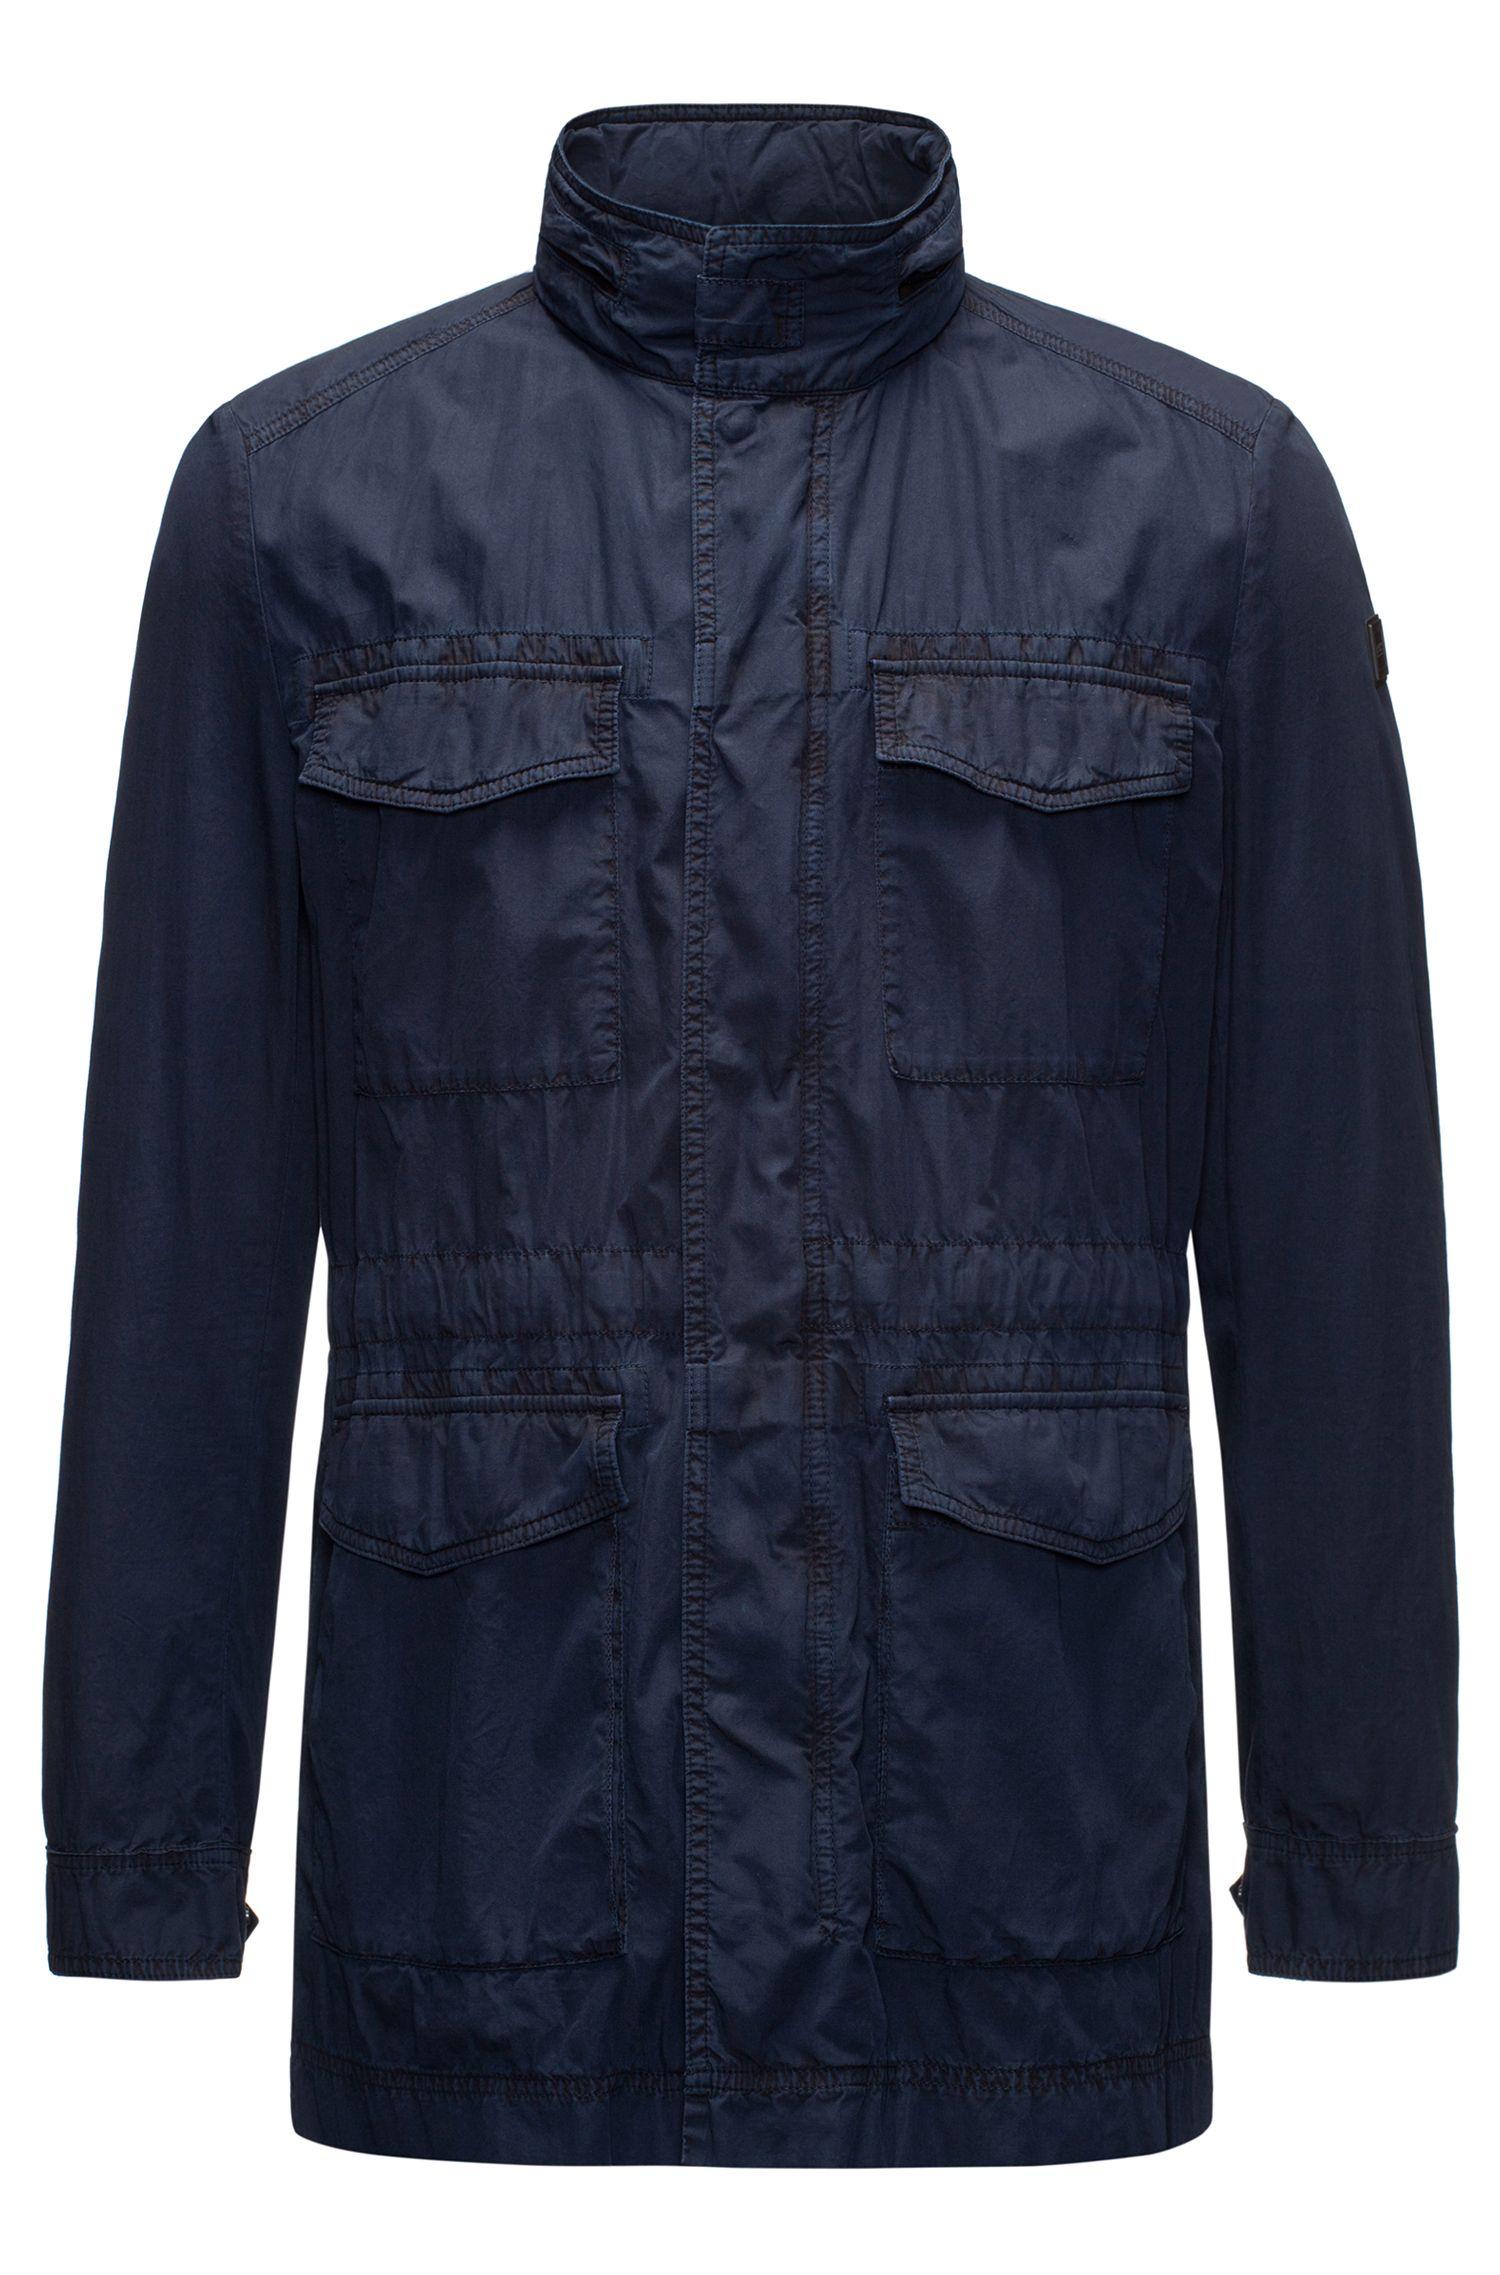 Field jacket leggera in cotone mercerizzato realizzato in Italia